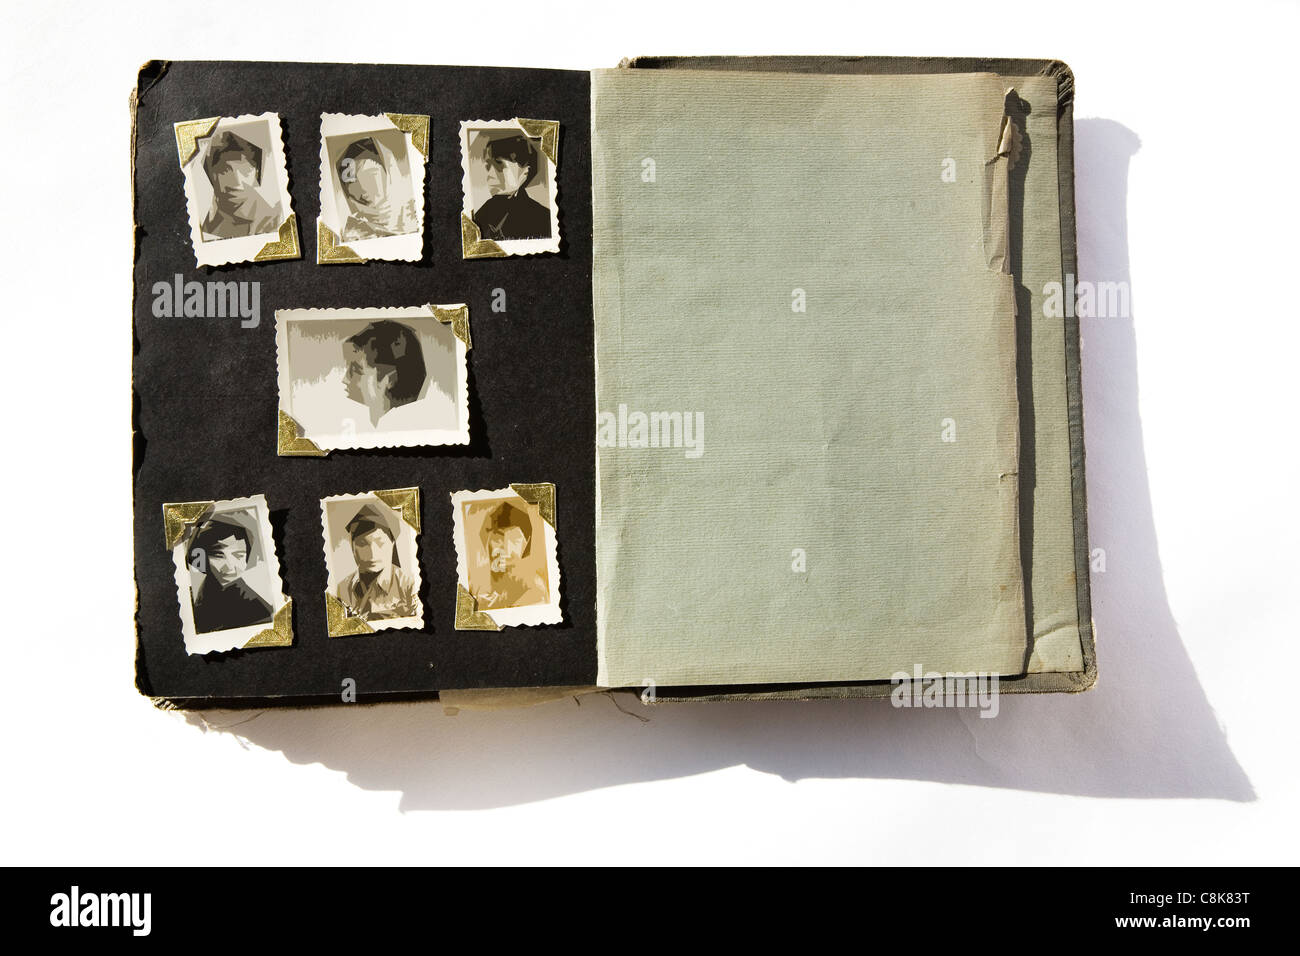 Image Pour Mettre Dans Un Cadre album photo avec vitraux anciens photos, toutes les photos